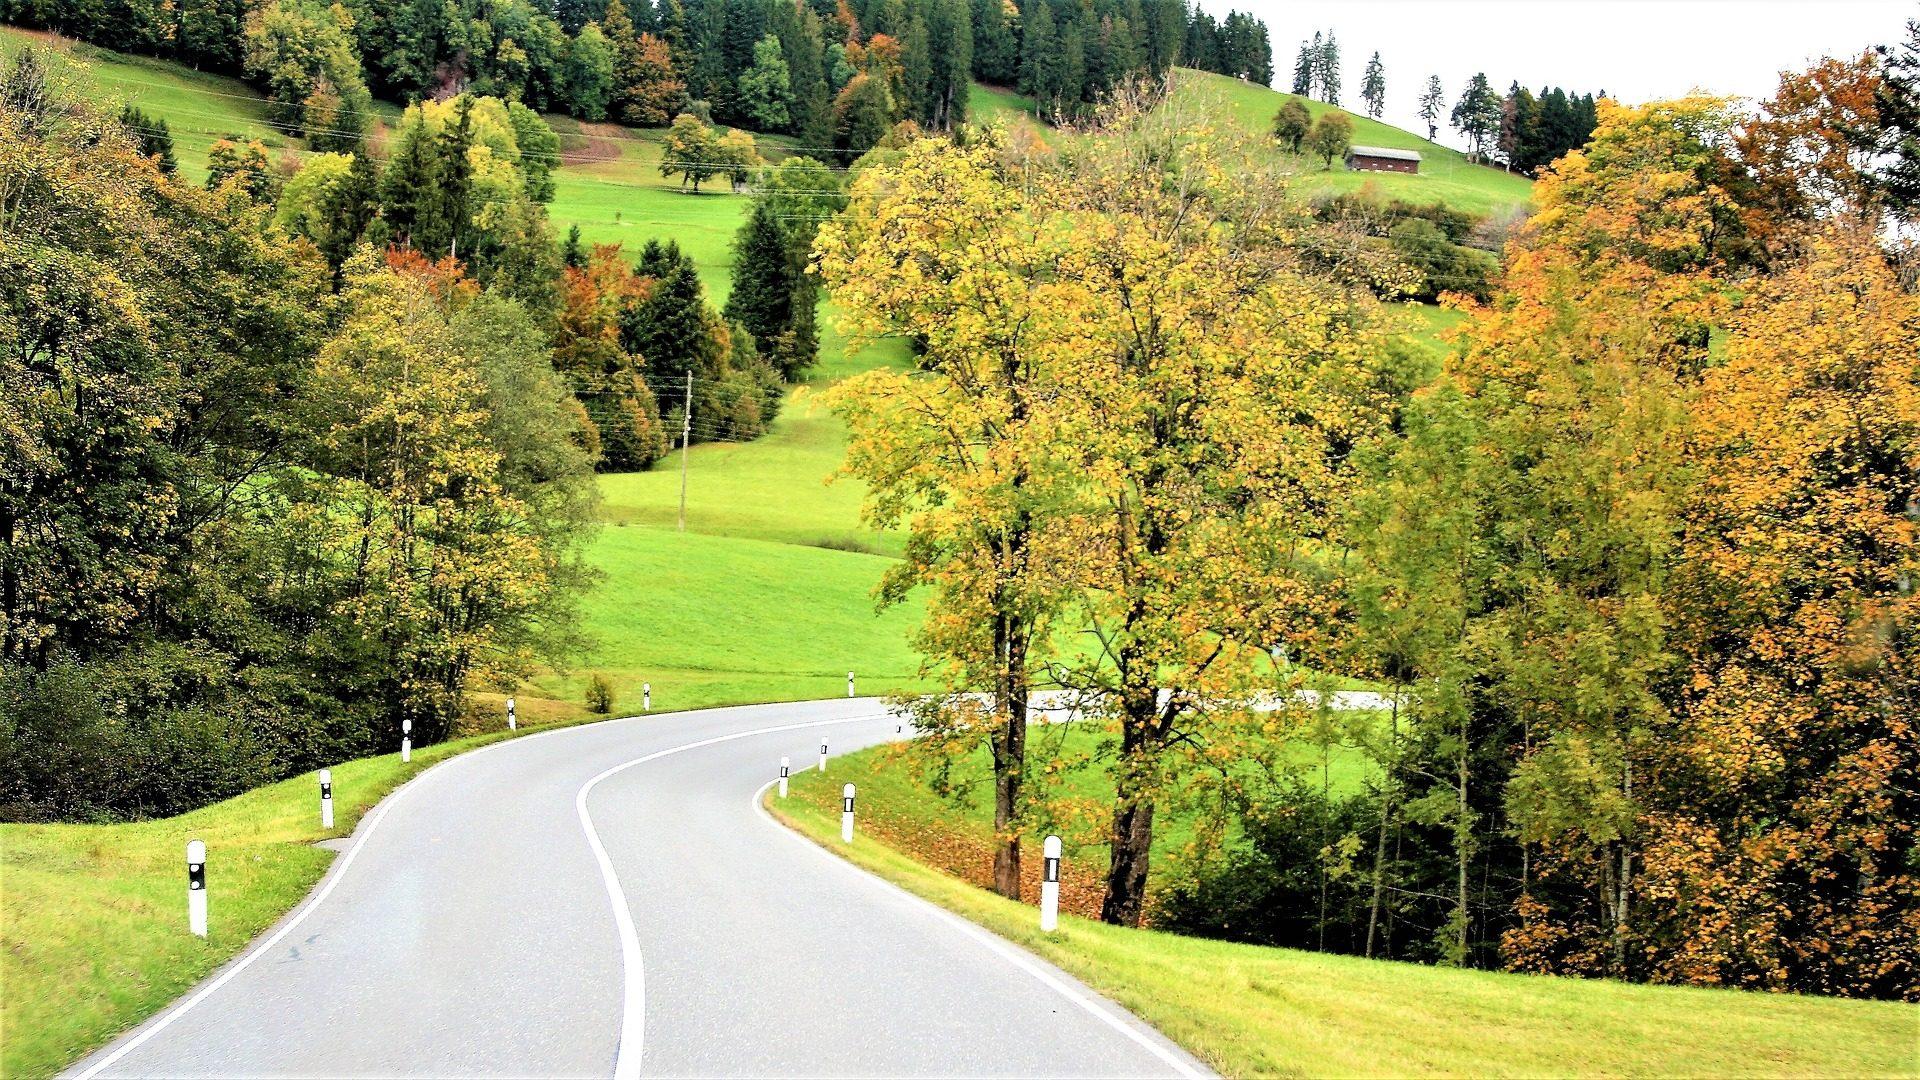 carretera, Дорога, Кривая, асфальт, деревья, поле - Обои HD - Профессор falken.com